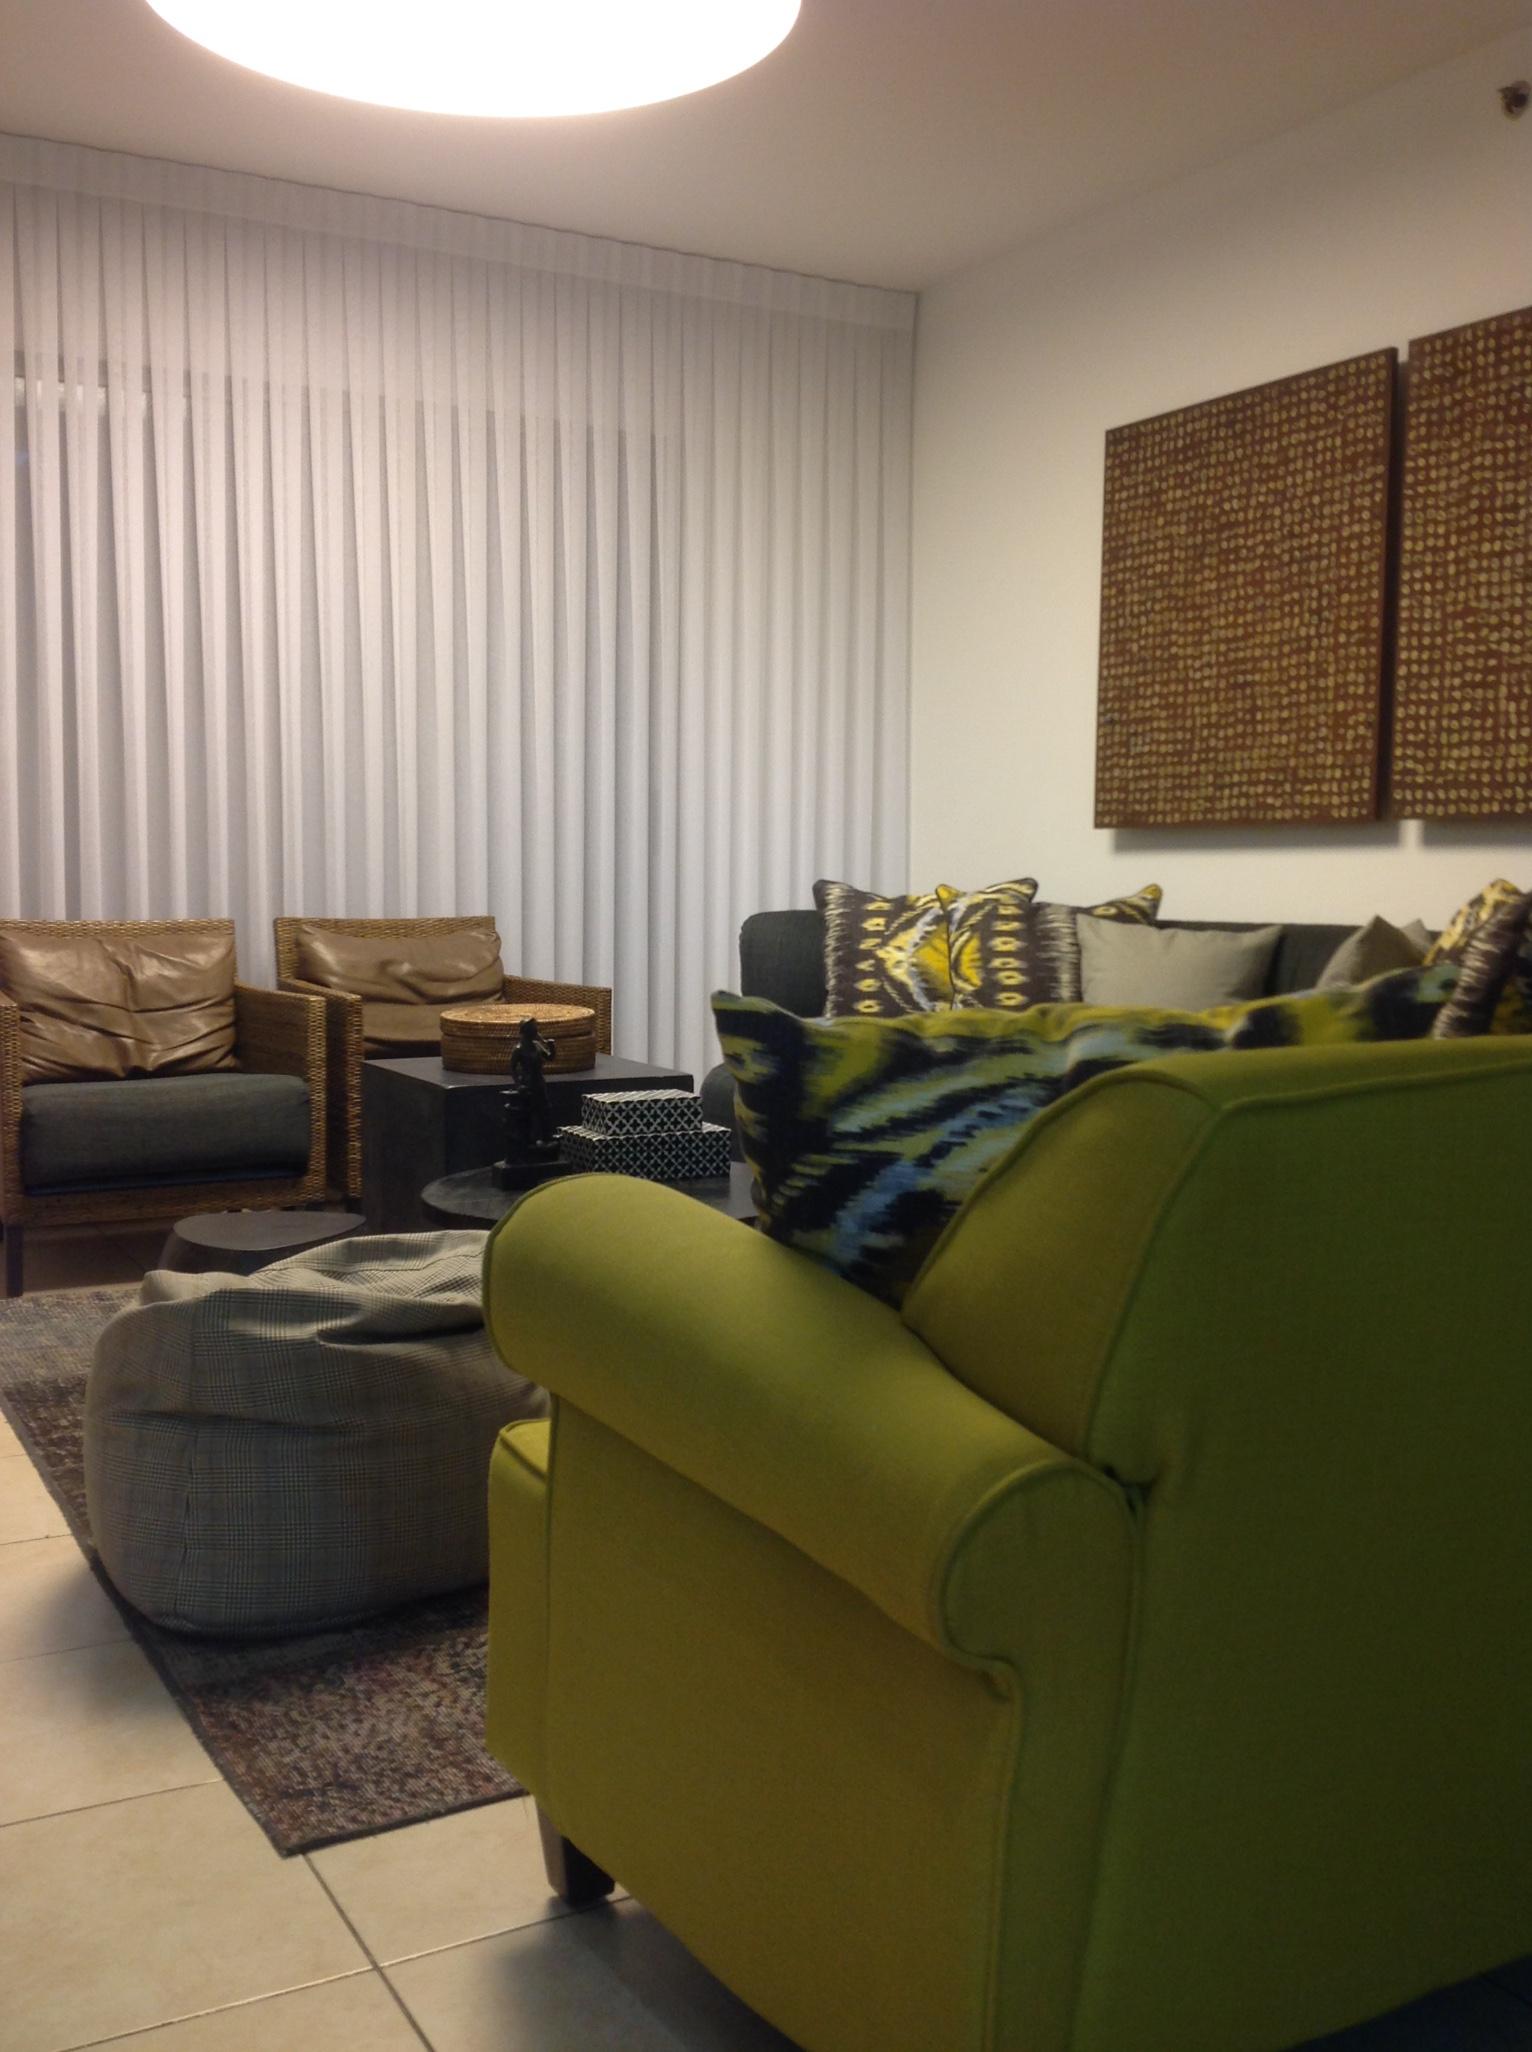 דירה בגבעתיים – חלל ציבורי